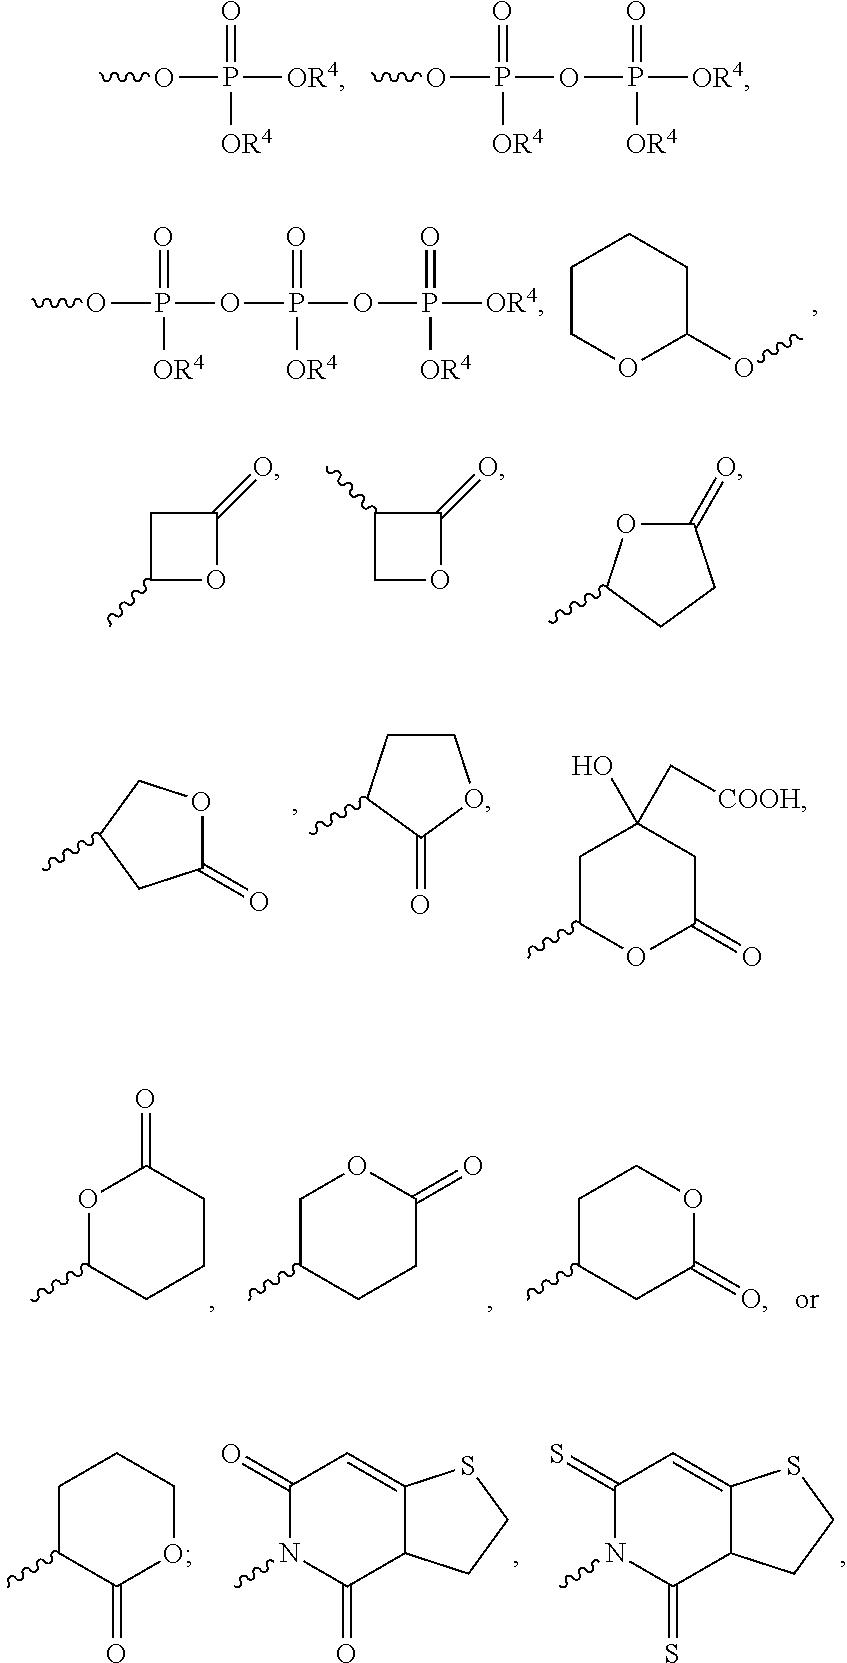 Figure US09662307-20170530-C00033